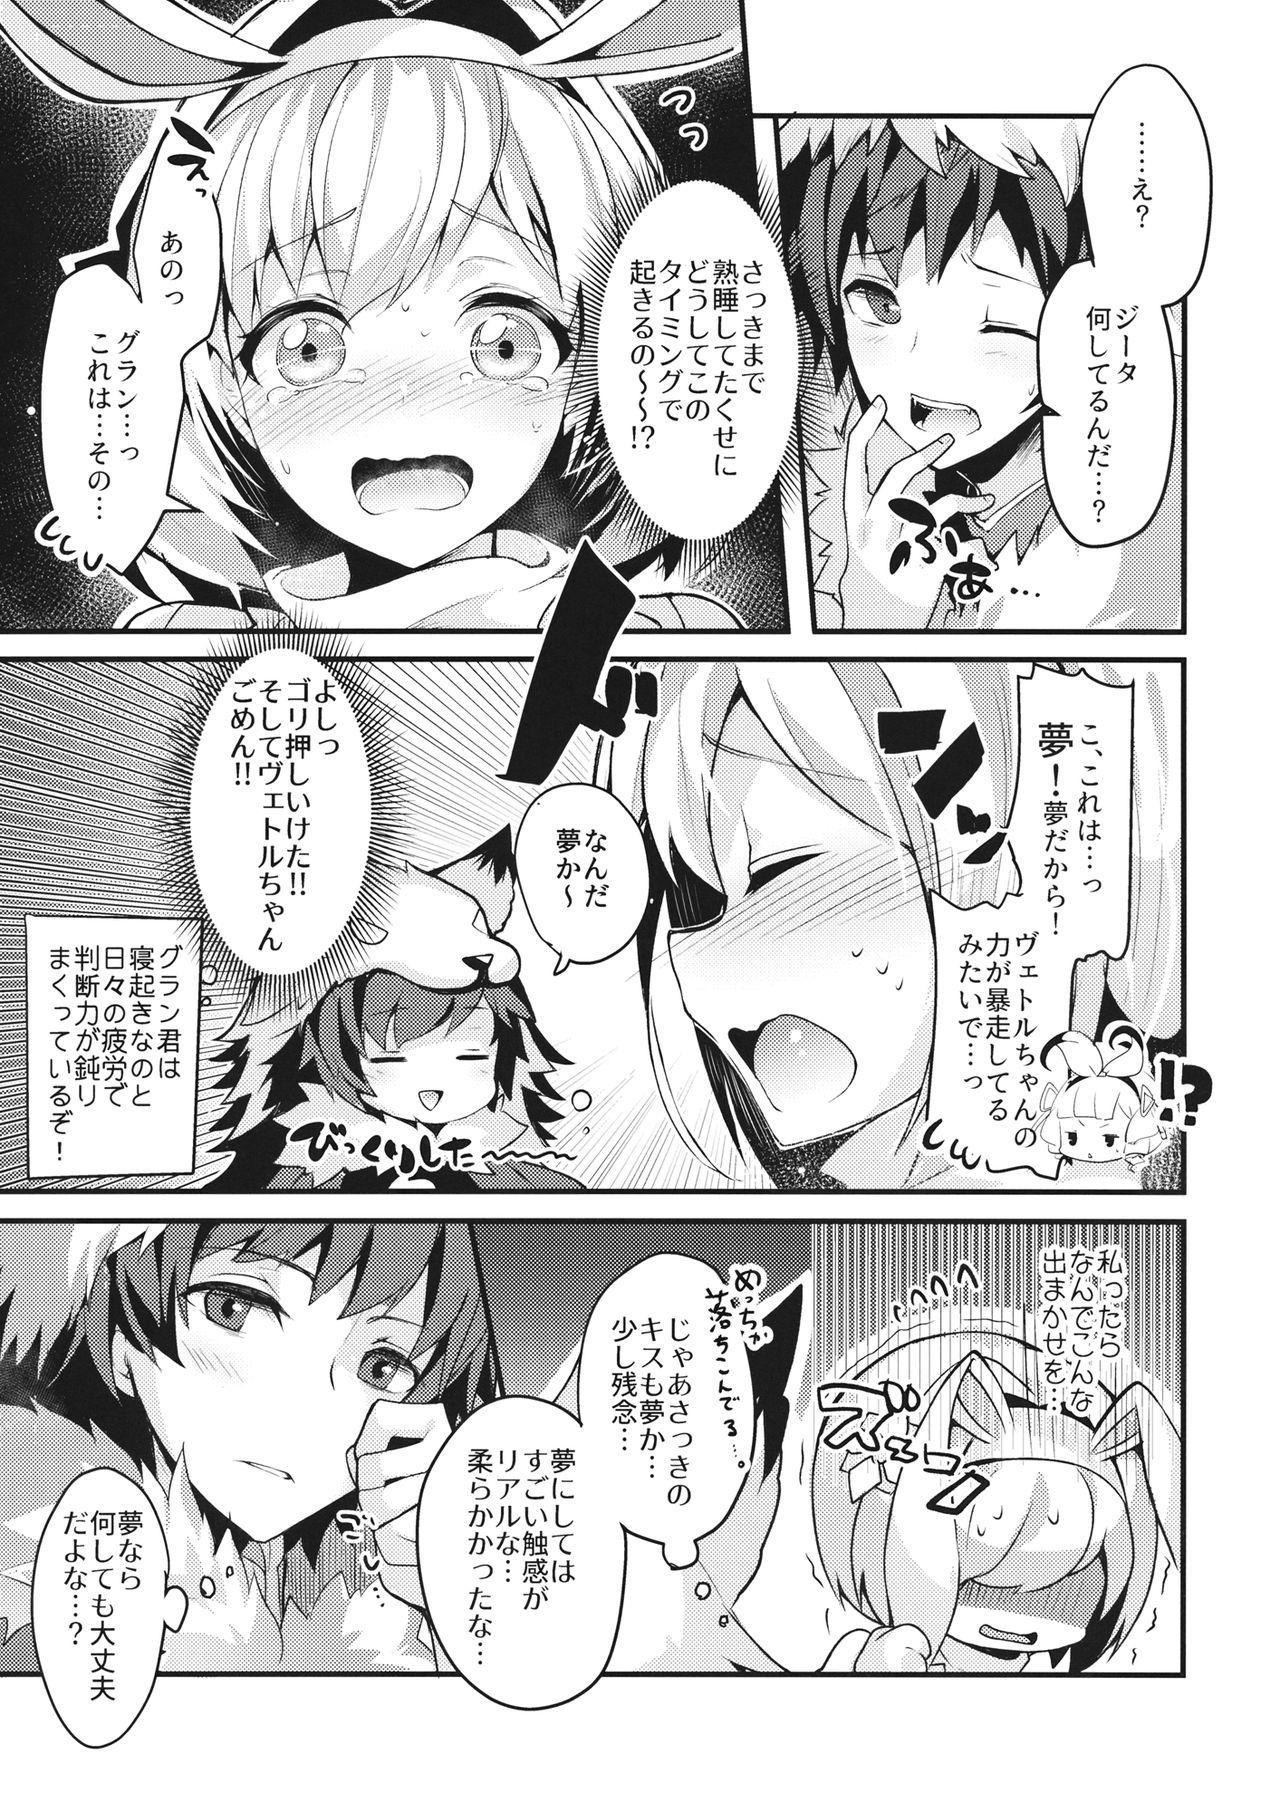 (C93) [homadelic. (Homaderi)] Fukudanchou no Usagi Djeeta-chan ga Danchou no Ookami Gran-kun ni Taberarechau Hon (Granblue Fantasy) 6